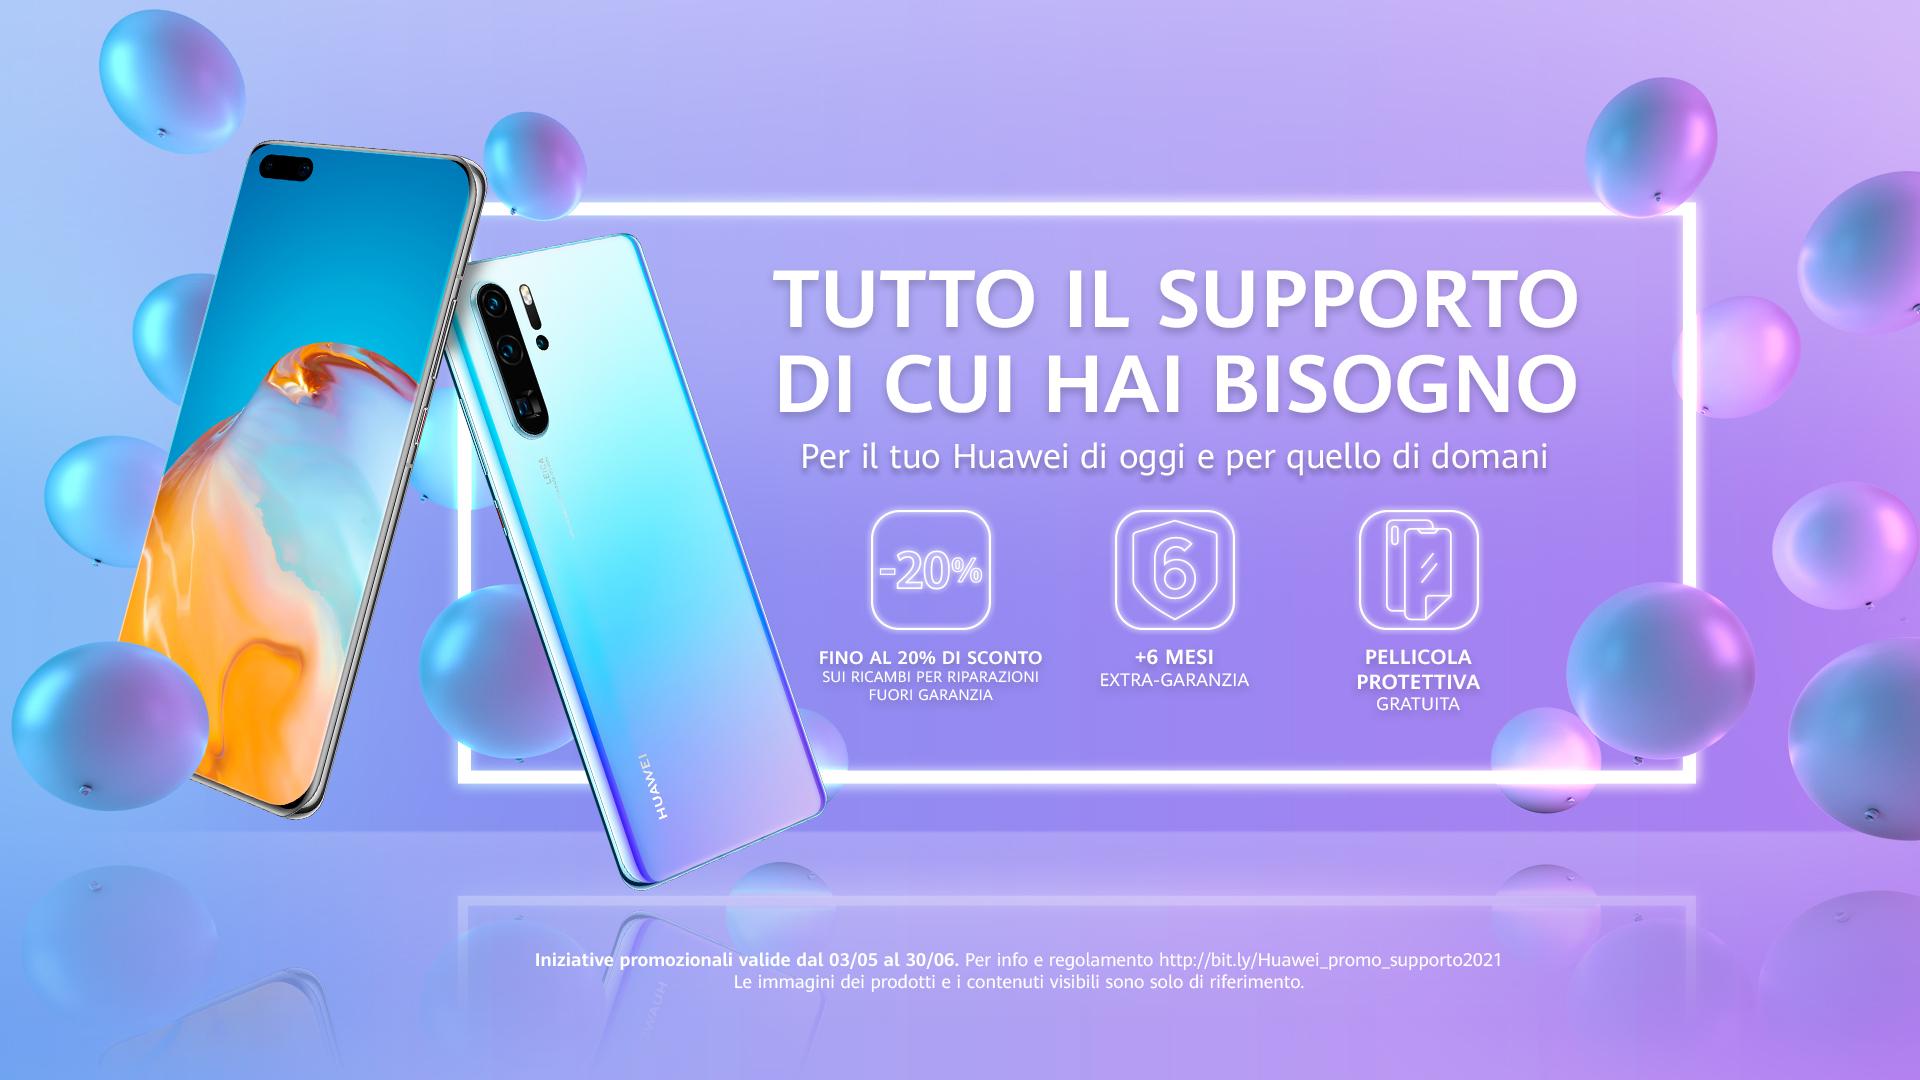 Il volantino delle offerte fino al 30 giugno 2021 di Huawei